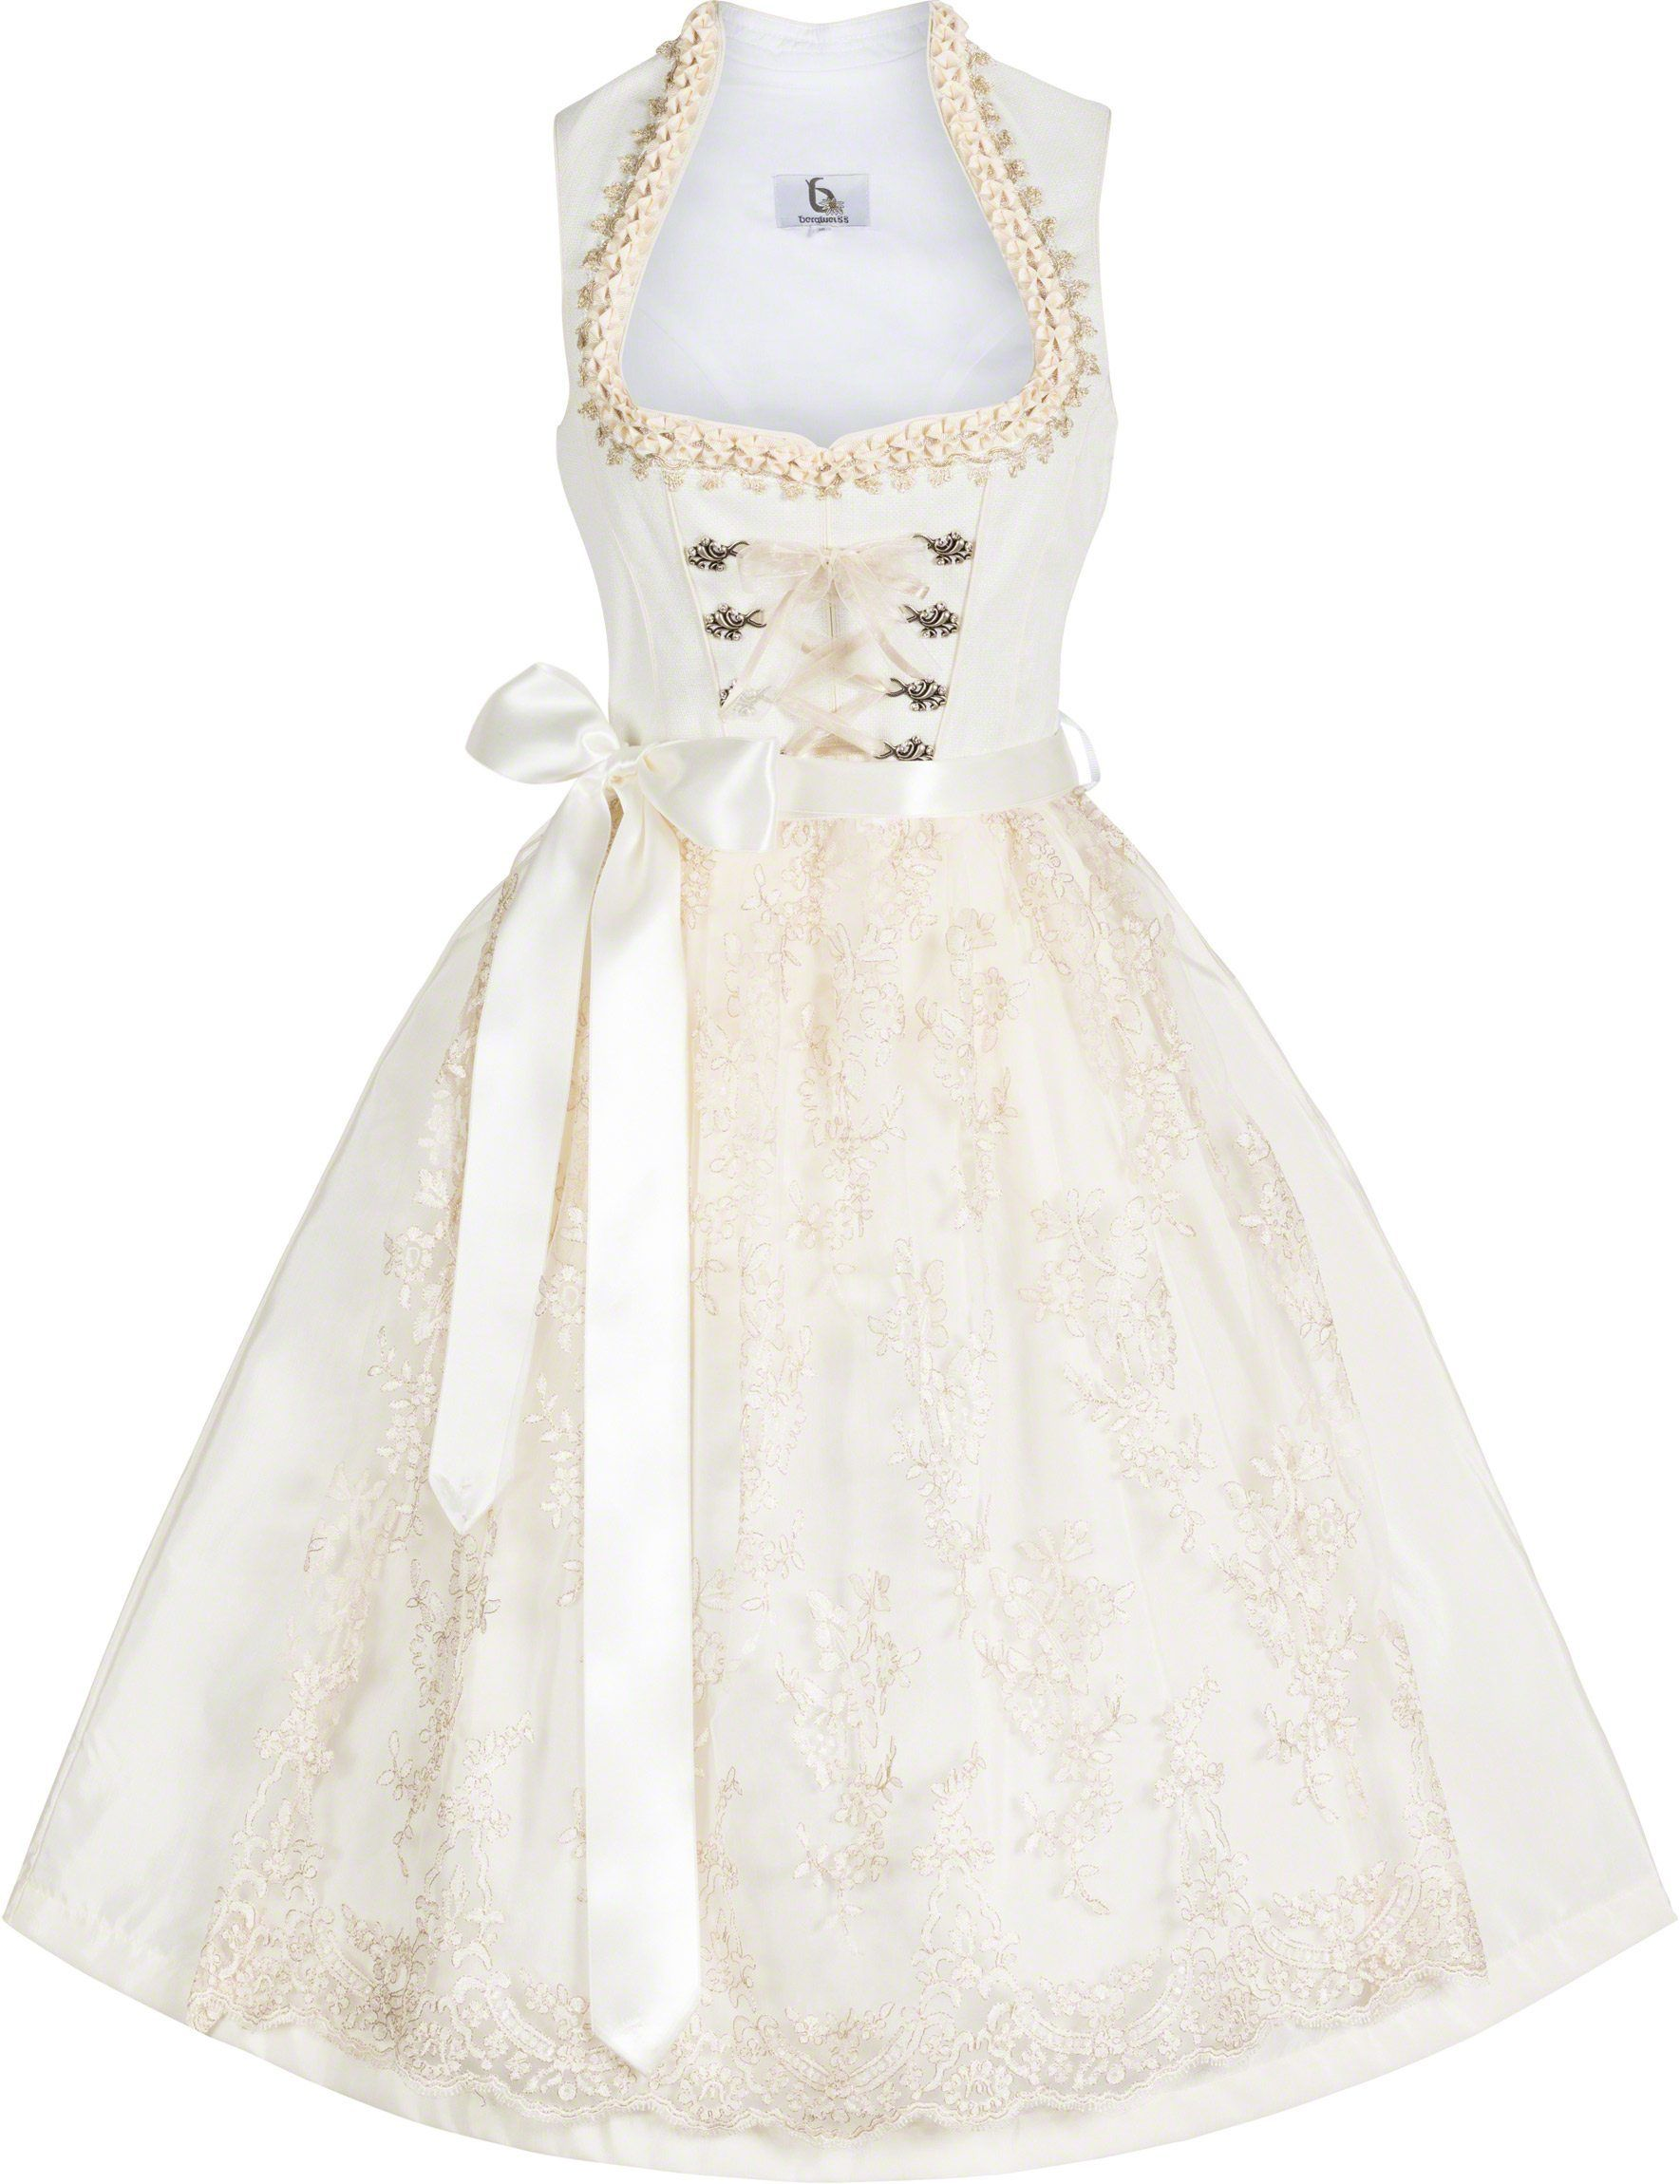 9715ec30c5ccee Hochzeitsdirndl, modern & elegant Brautdirndl in Creme  Sweetheart-Ausschnitt mondäner Stehkragen goldfarbene Akzente  Froschgoscherl und goldfarbene ...